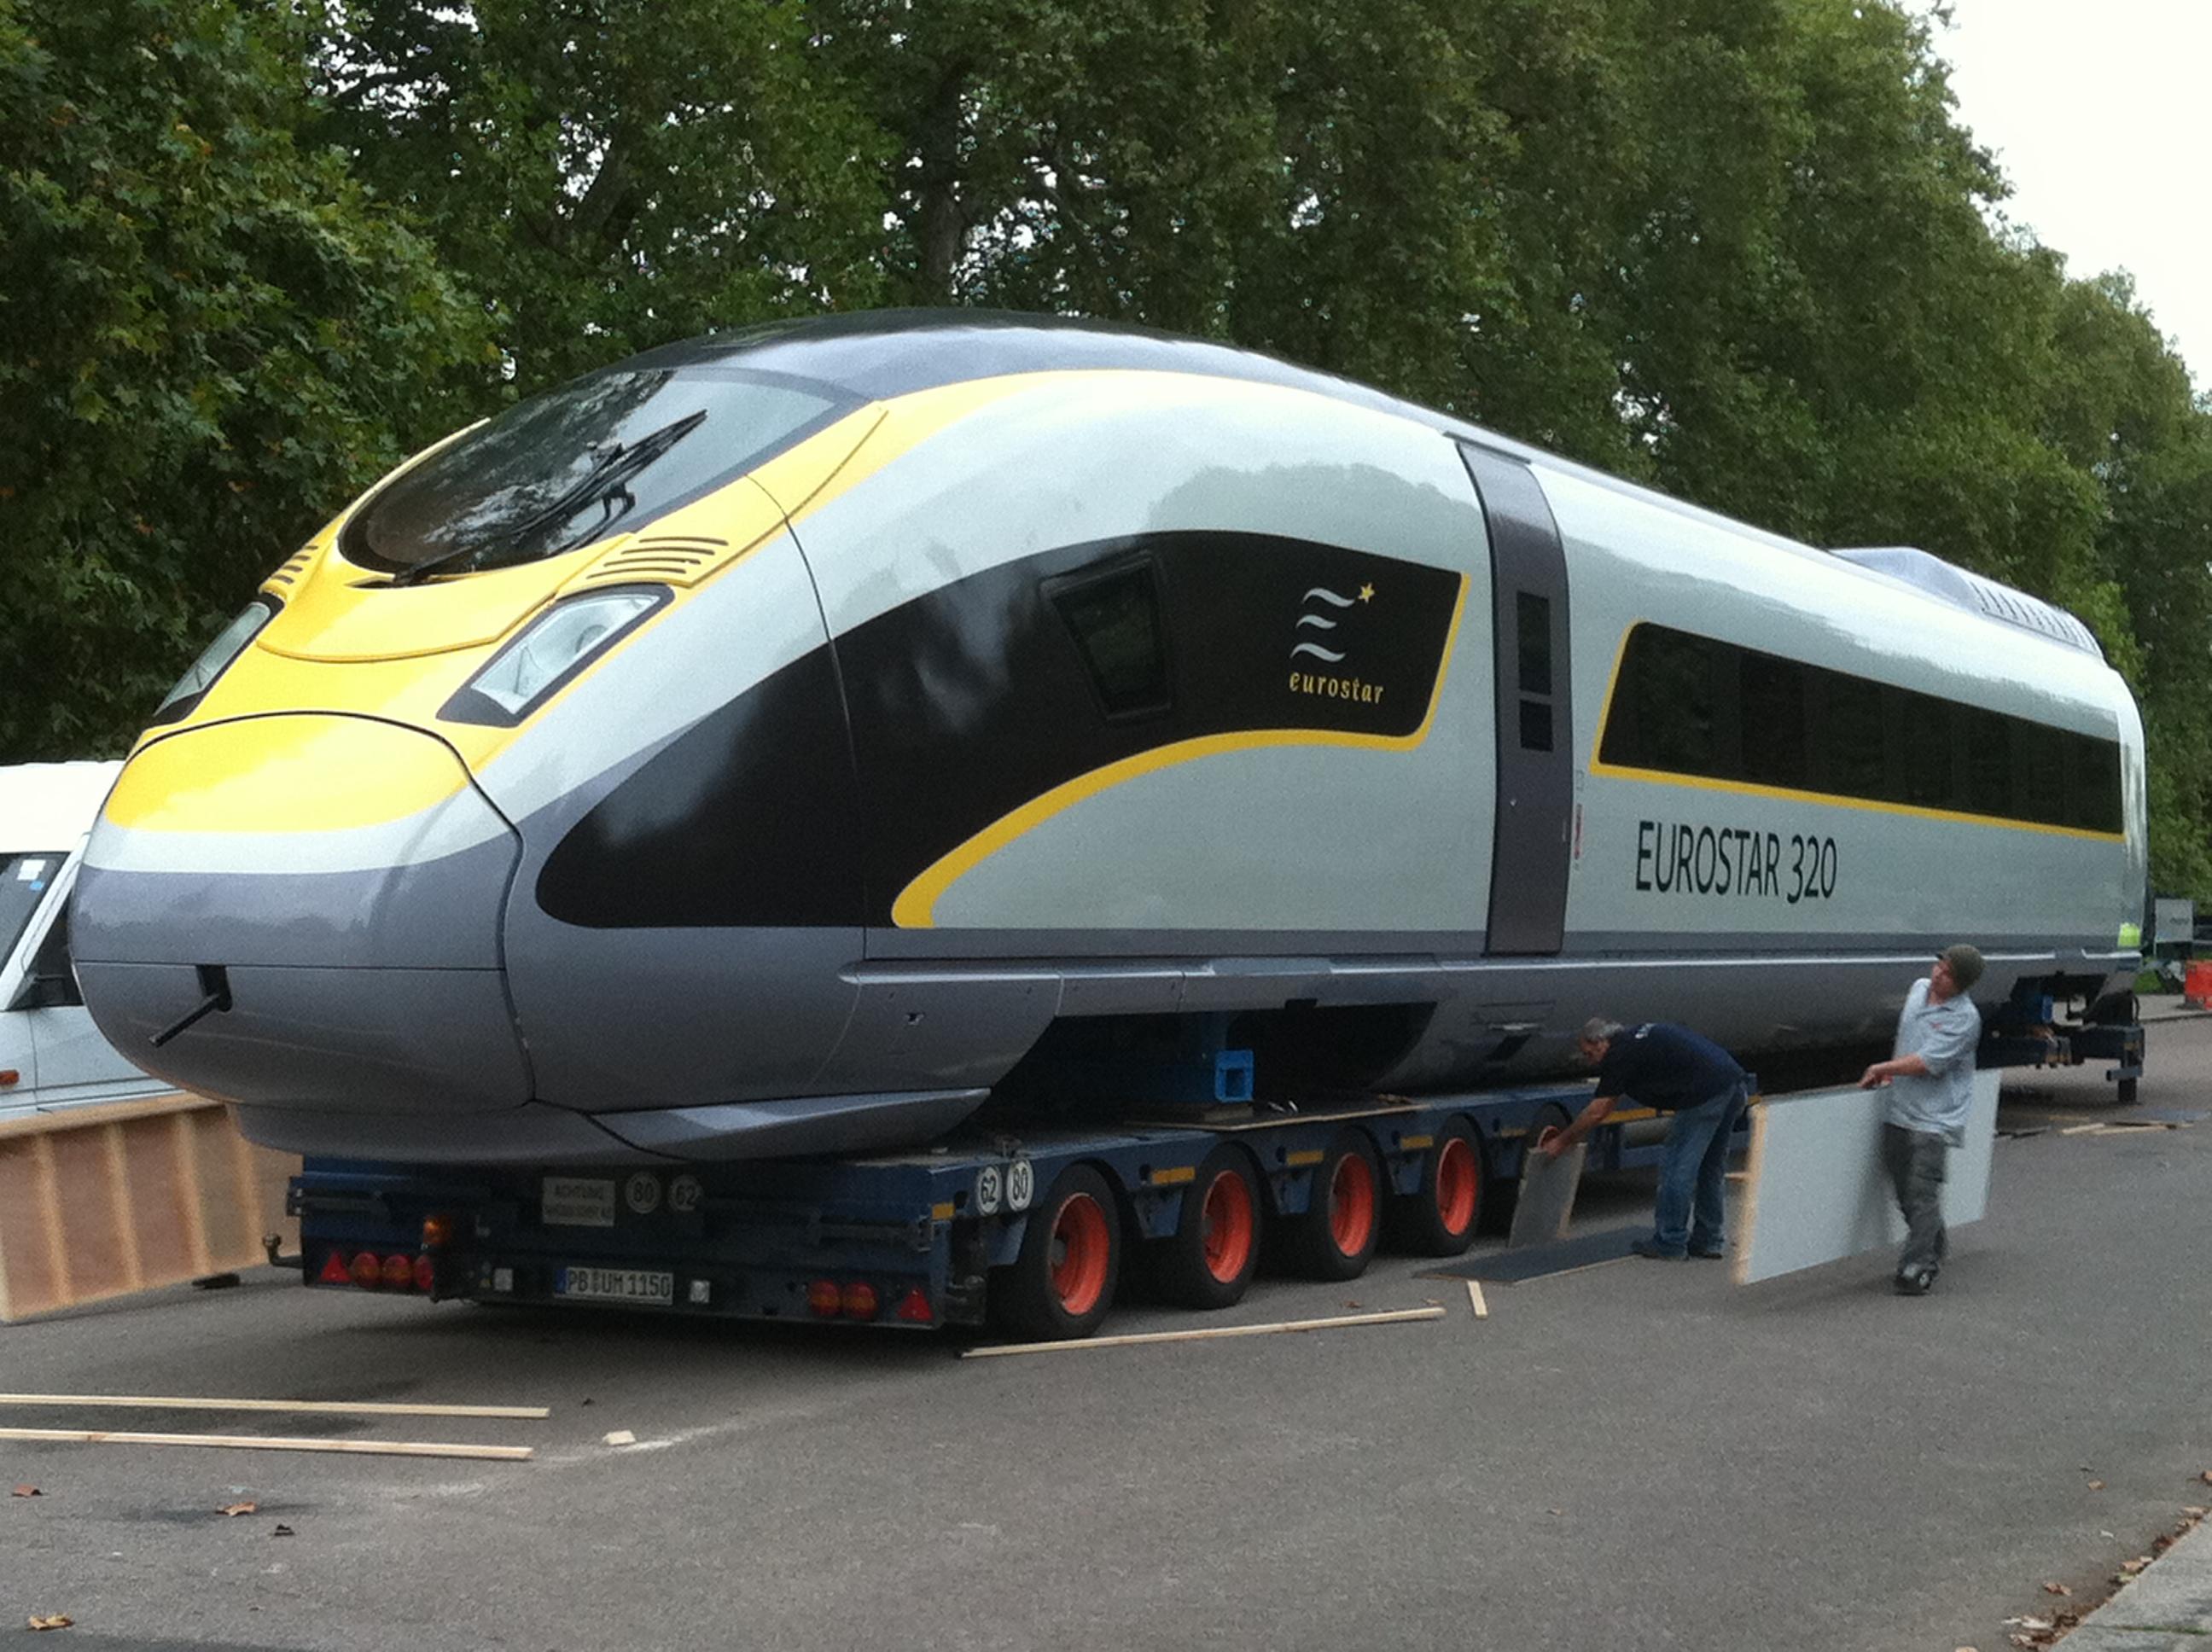 Eurostar e320 at Kensington Gardens 105 - Special livery Eurostars